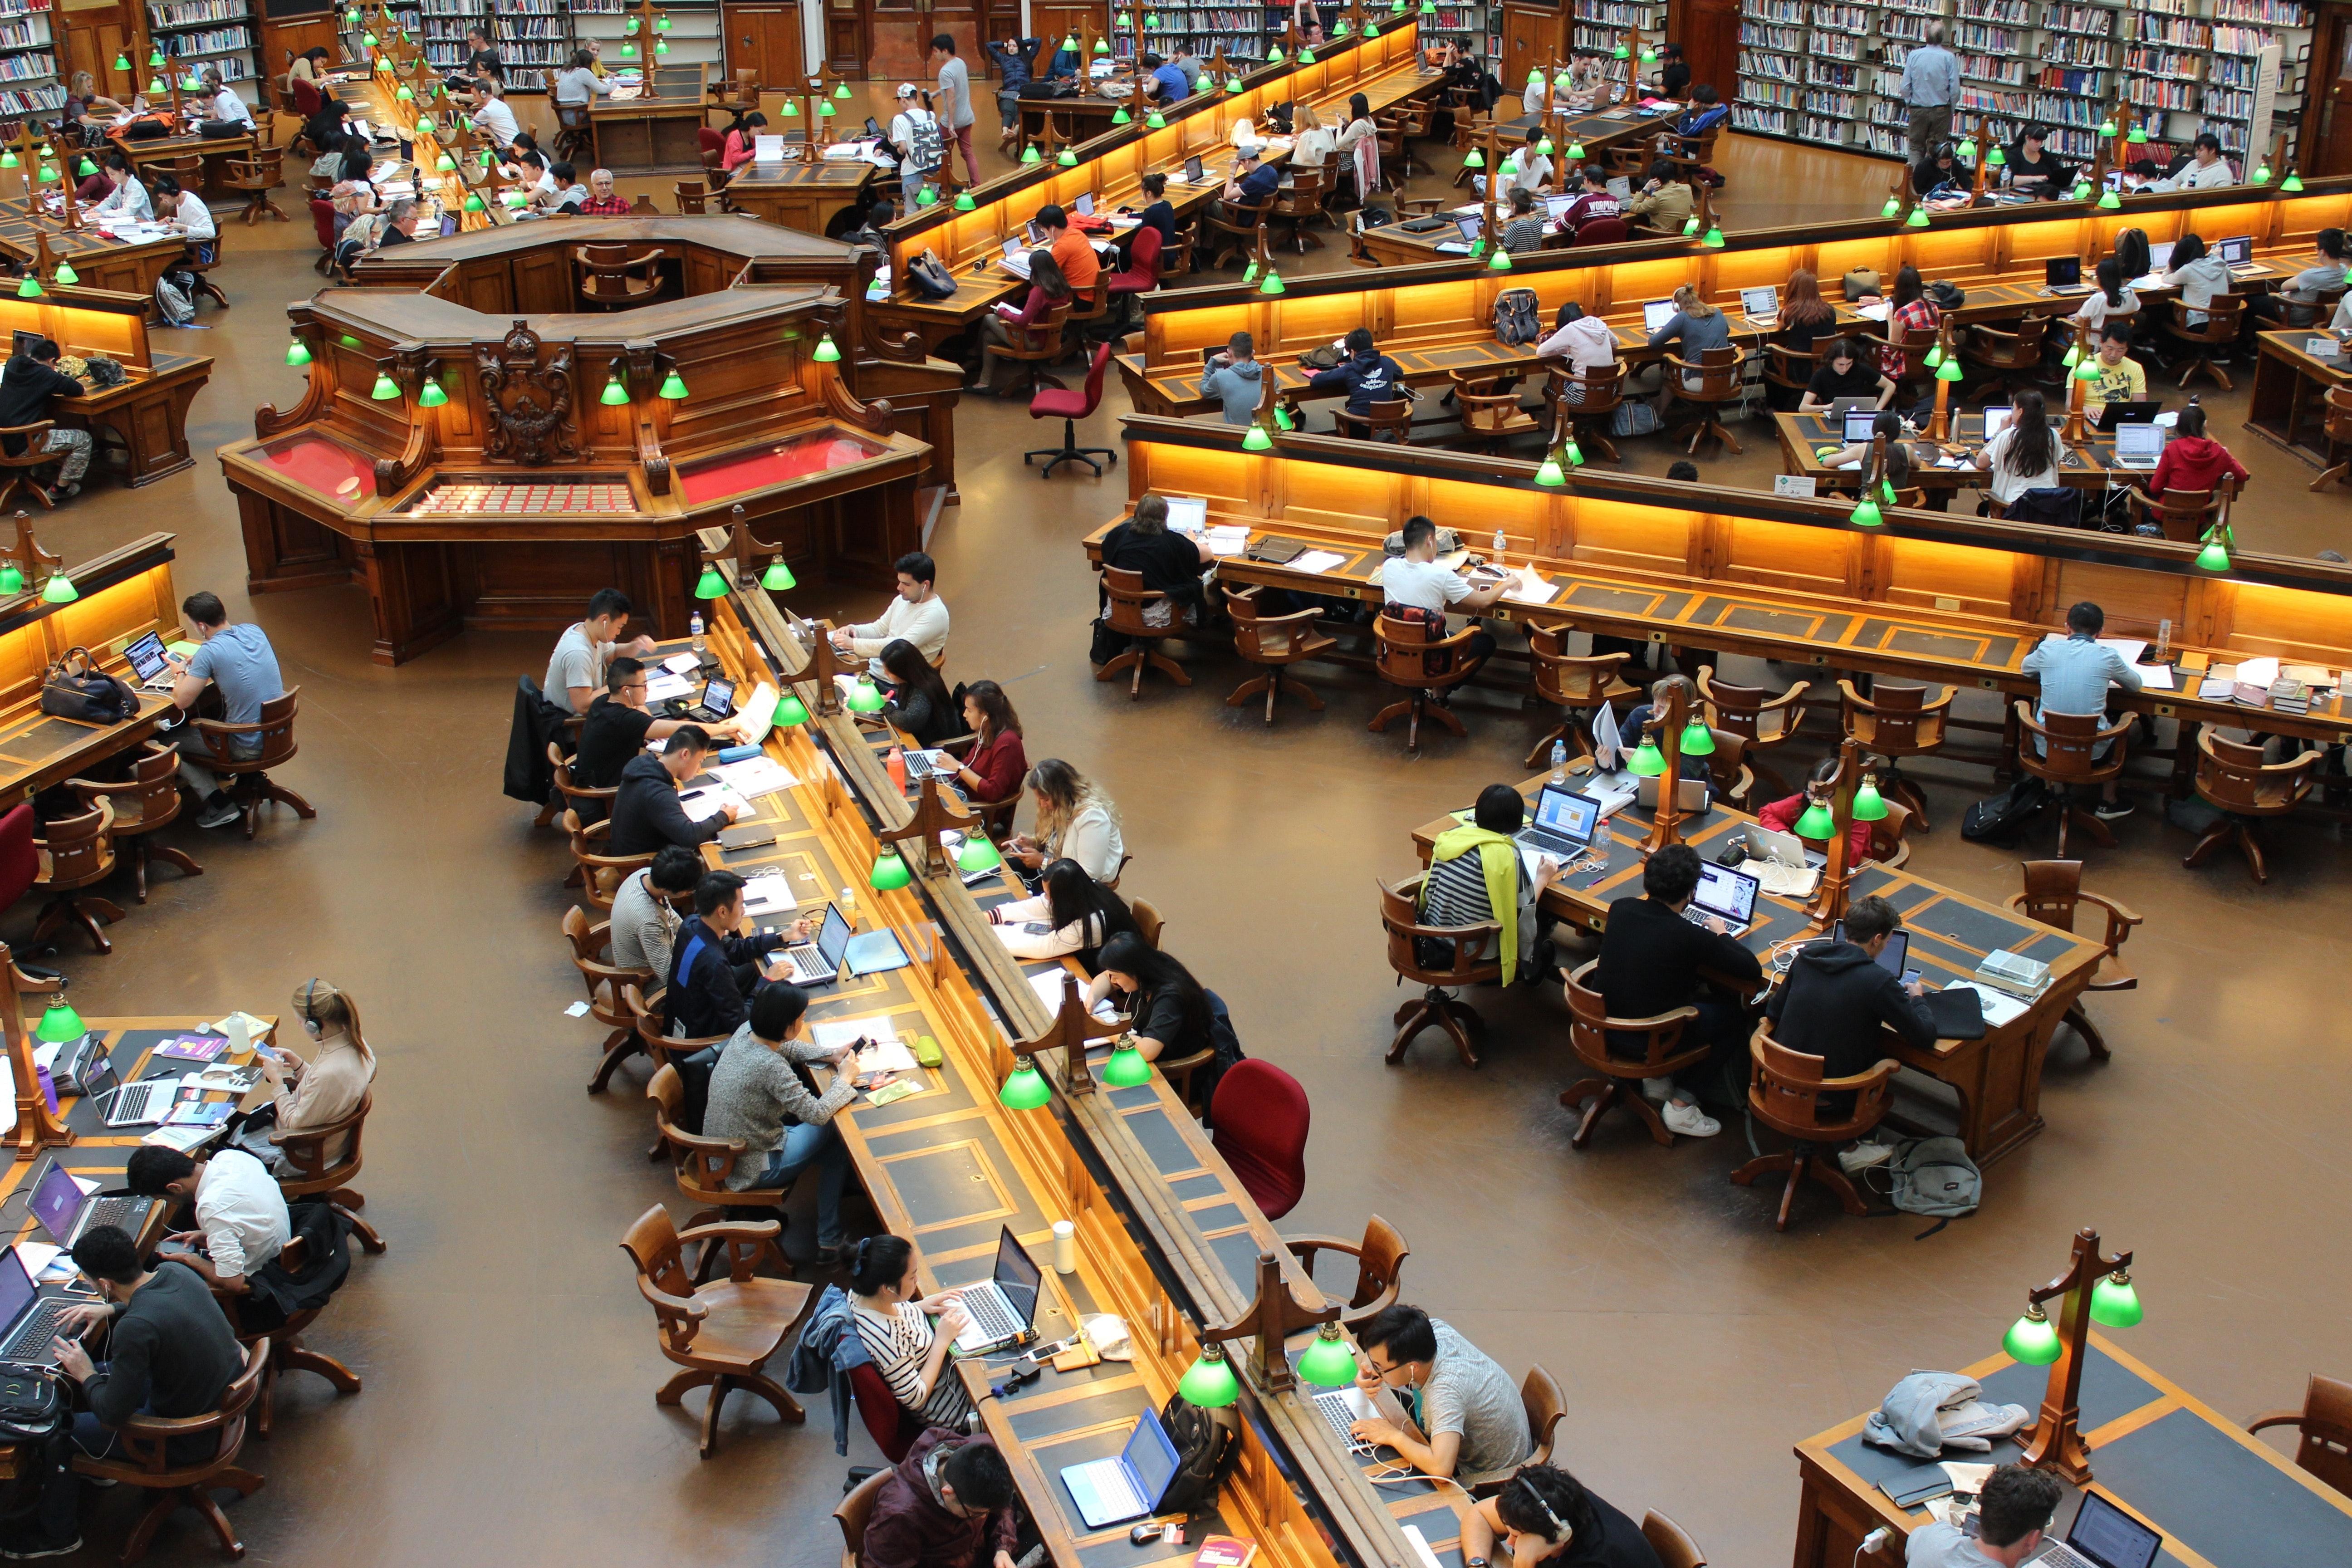 高校生におすすめの勉強場所:図書館